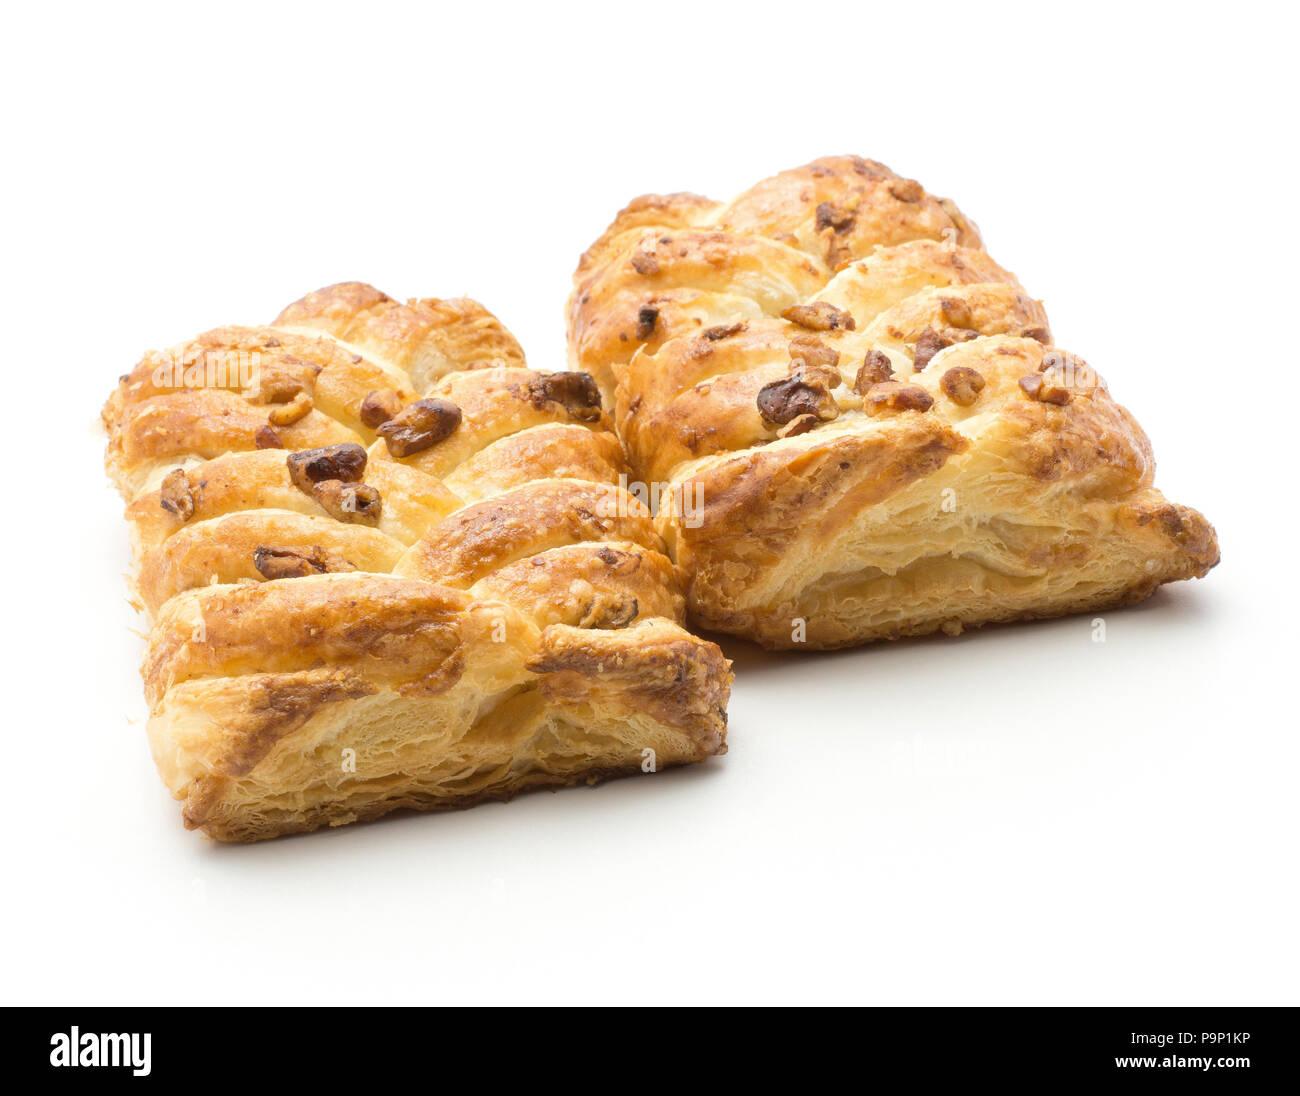 Twist paire pains isolé sur fond blanc avec l'intérieur de confiture et de noix de pécan Photo Stock